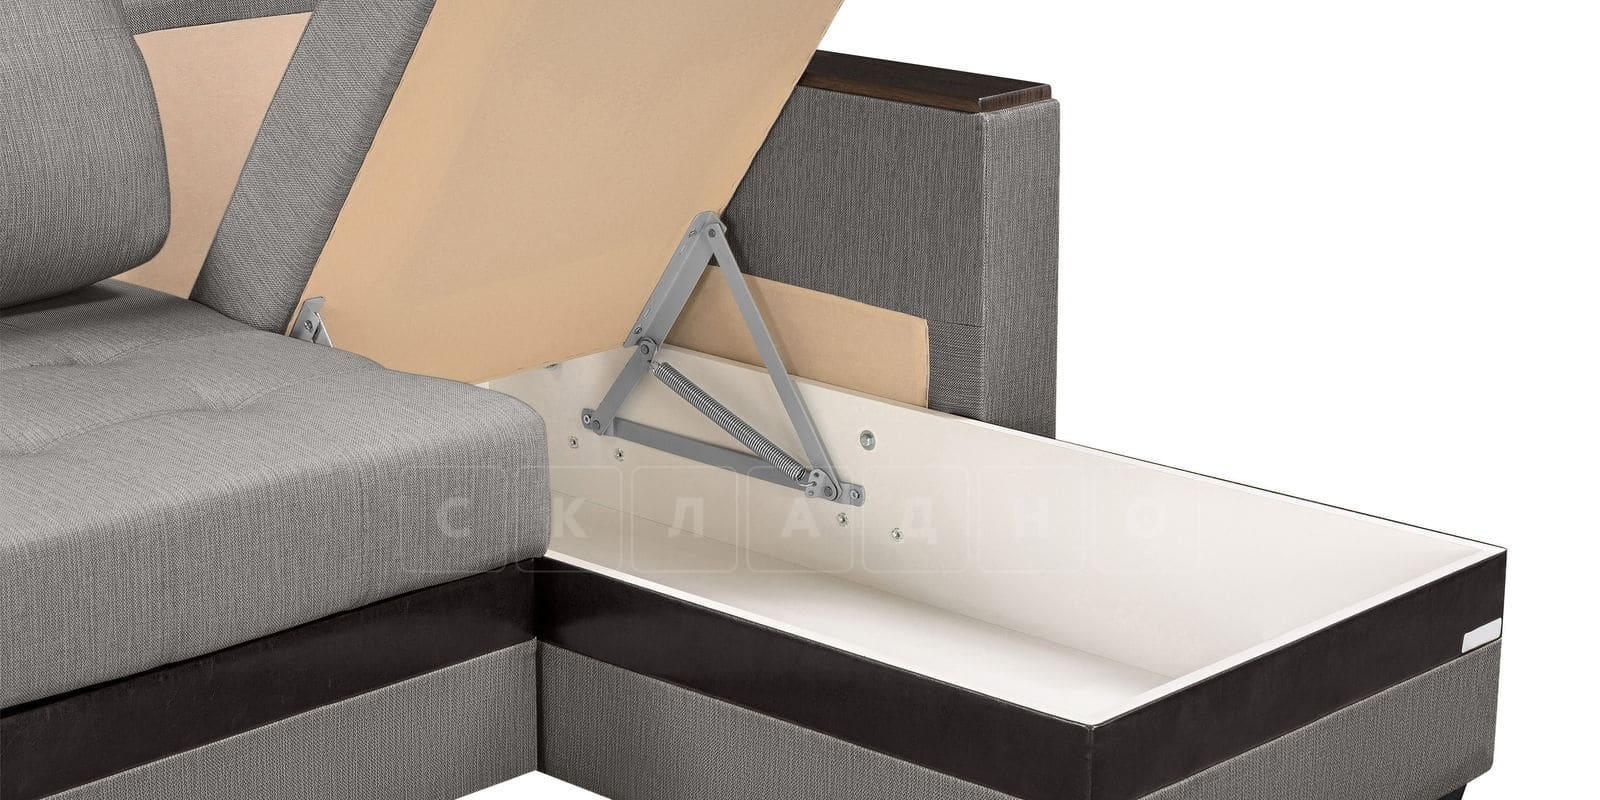 Угловой диван Атланта рогожка серого цвета фото 5 | интернет-магазин Складно